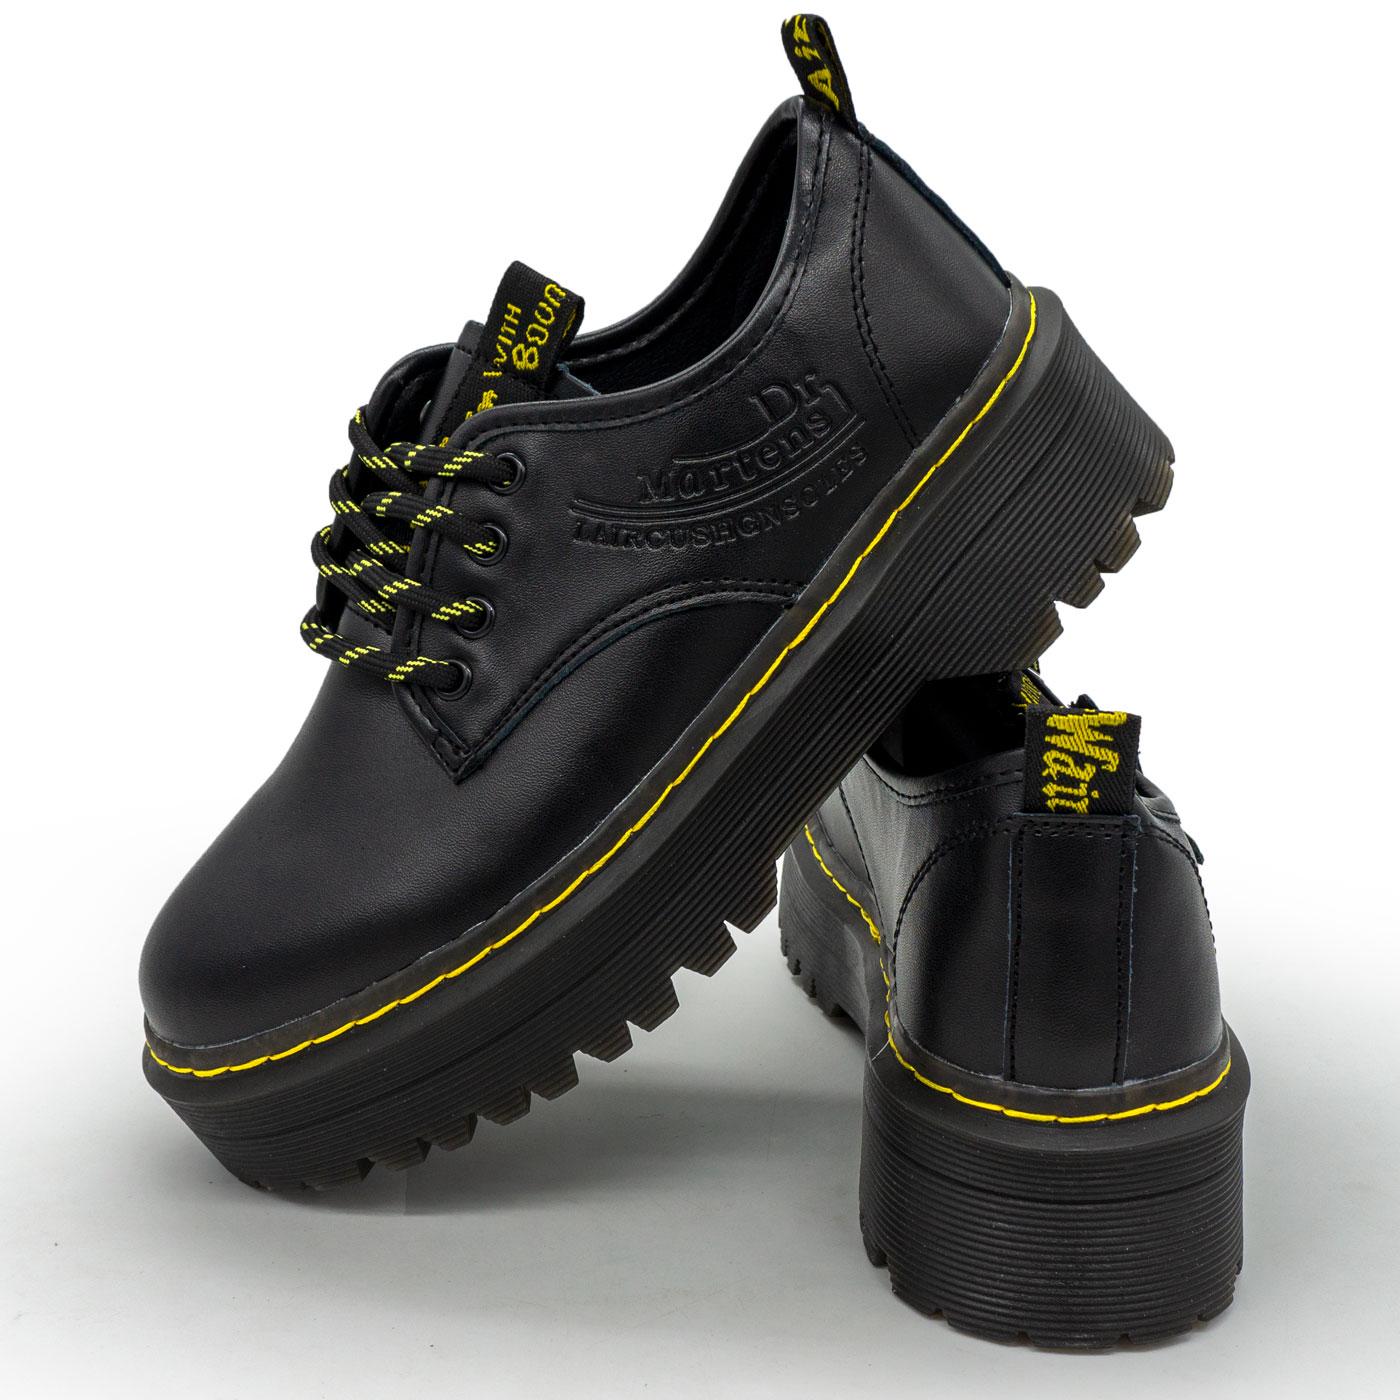 фото main Черные женские туфли Dr. Martens, натуральная кожа main